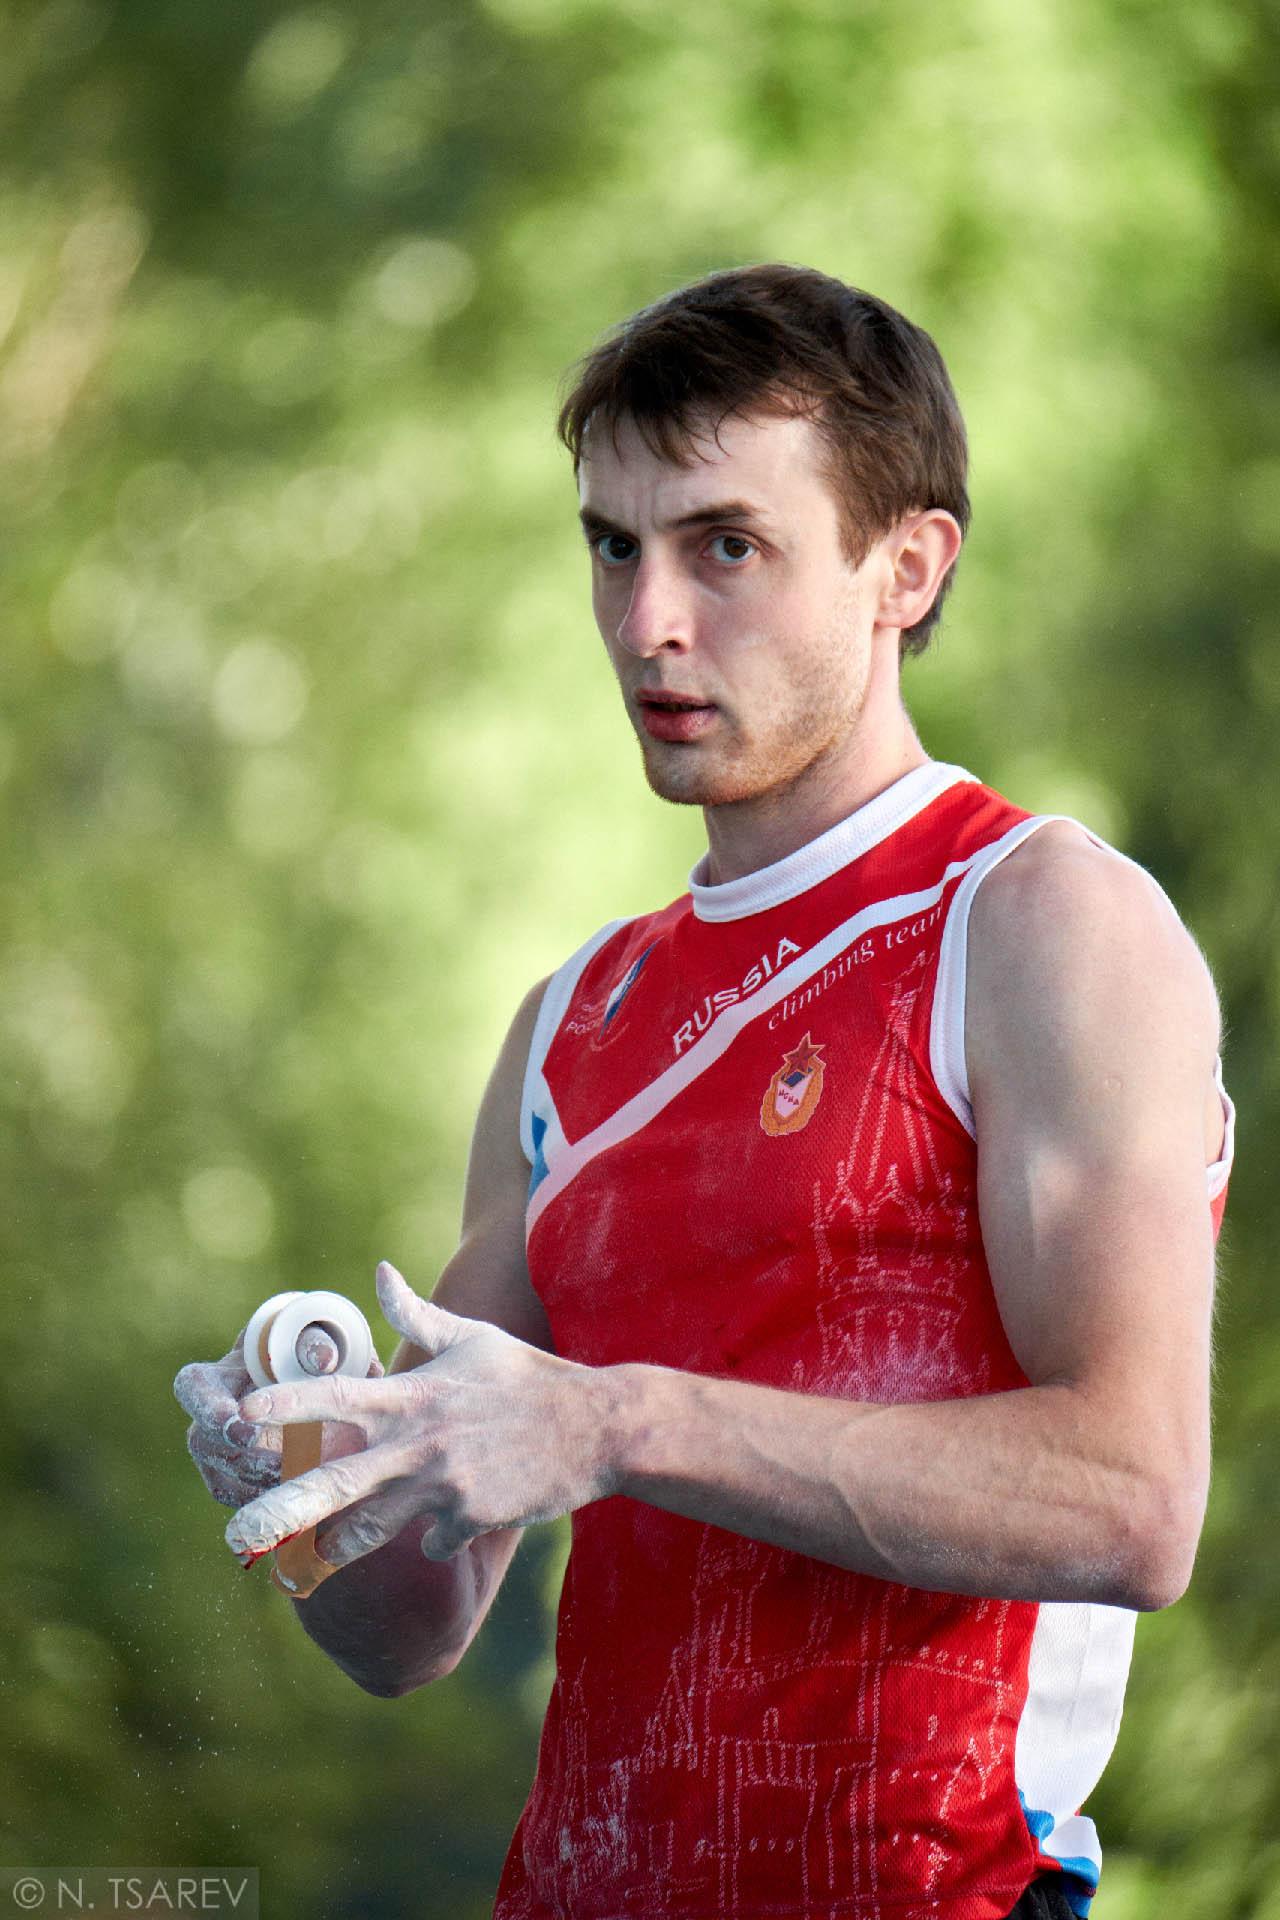 Atleet en hoer